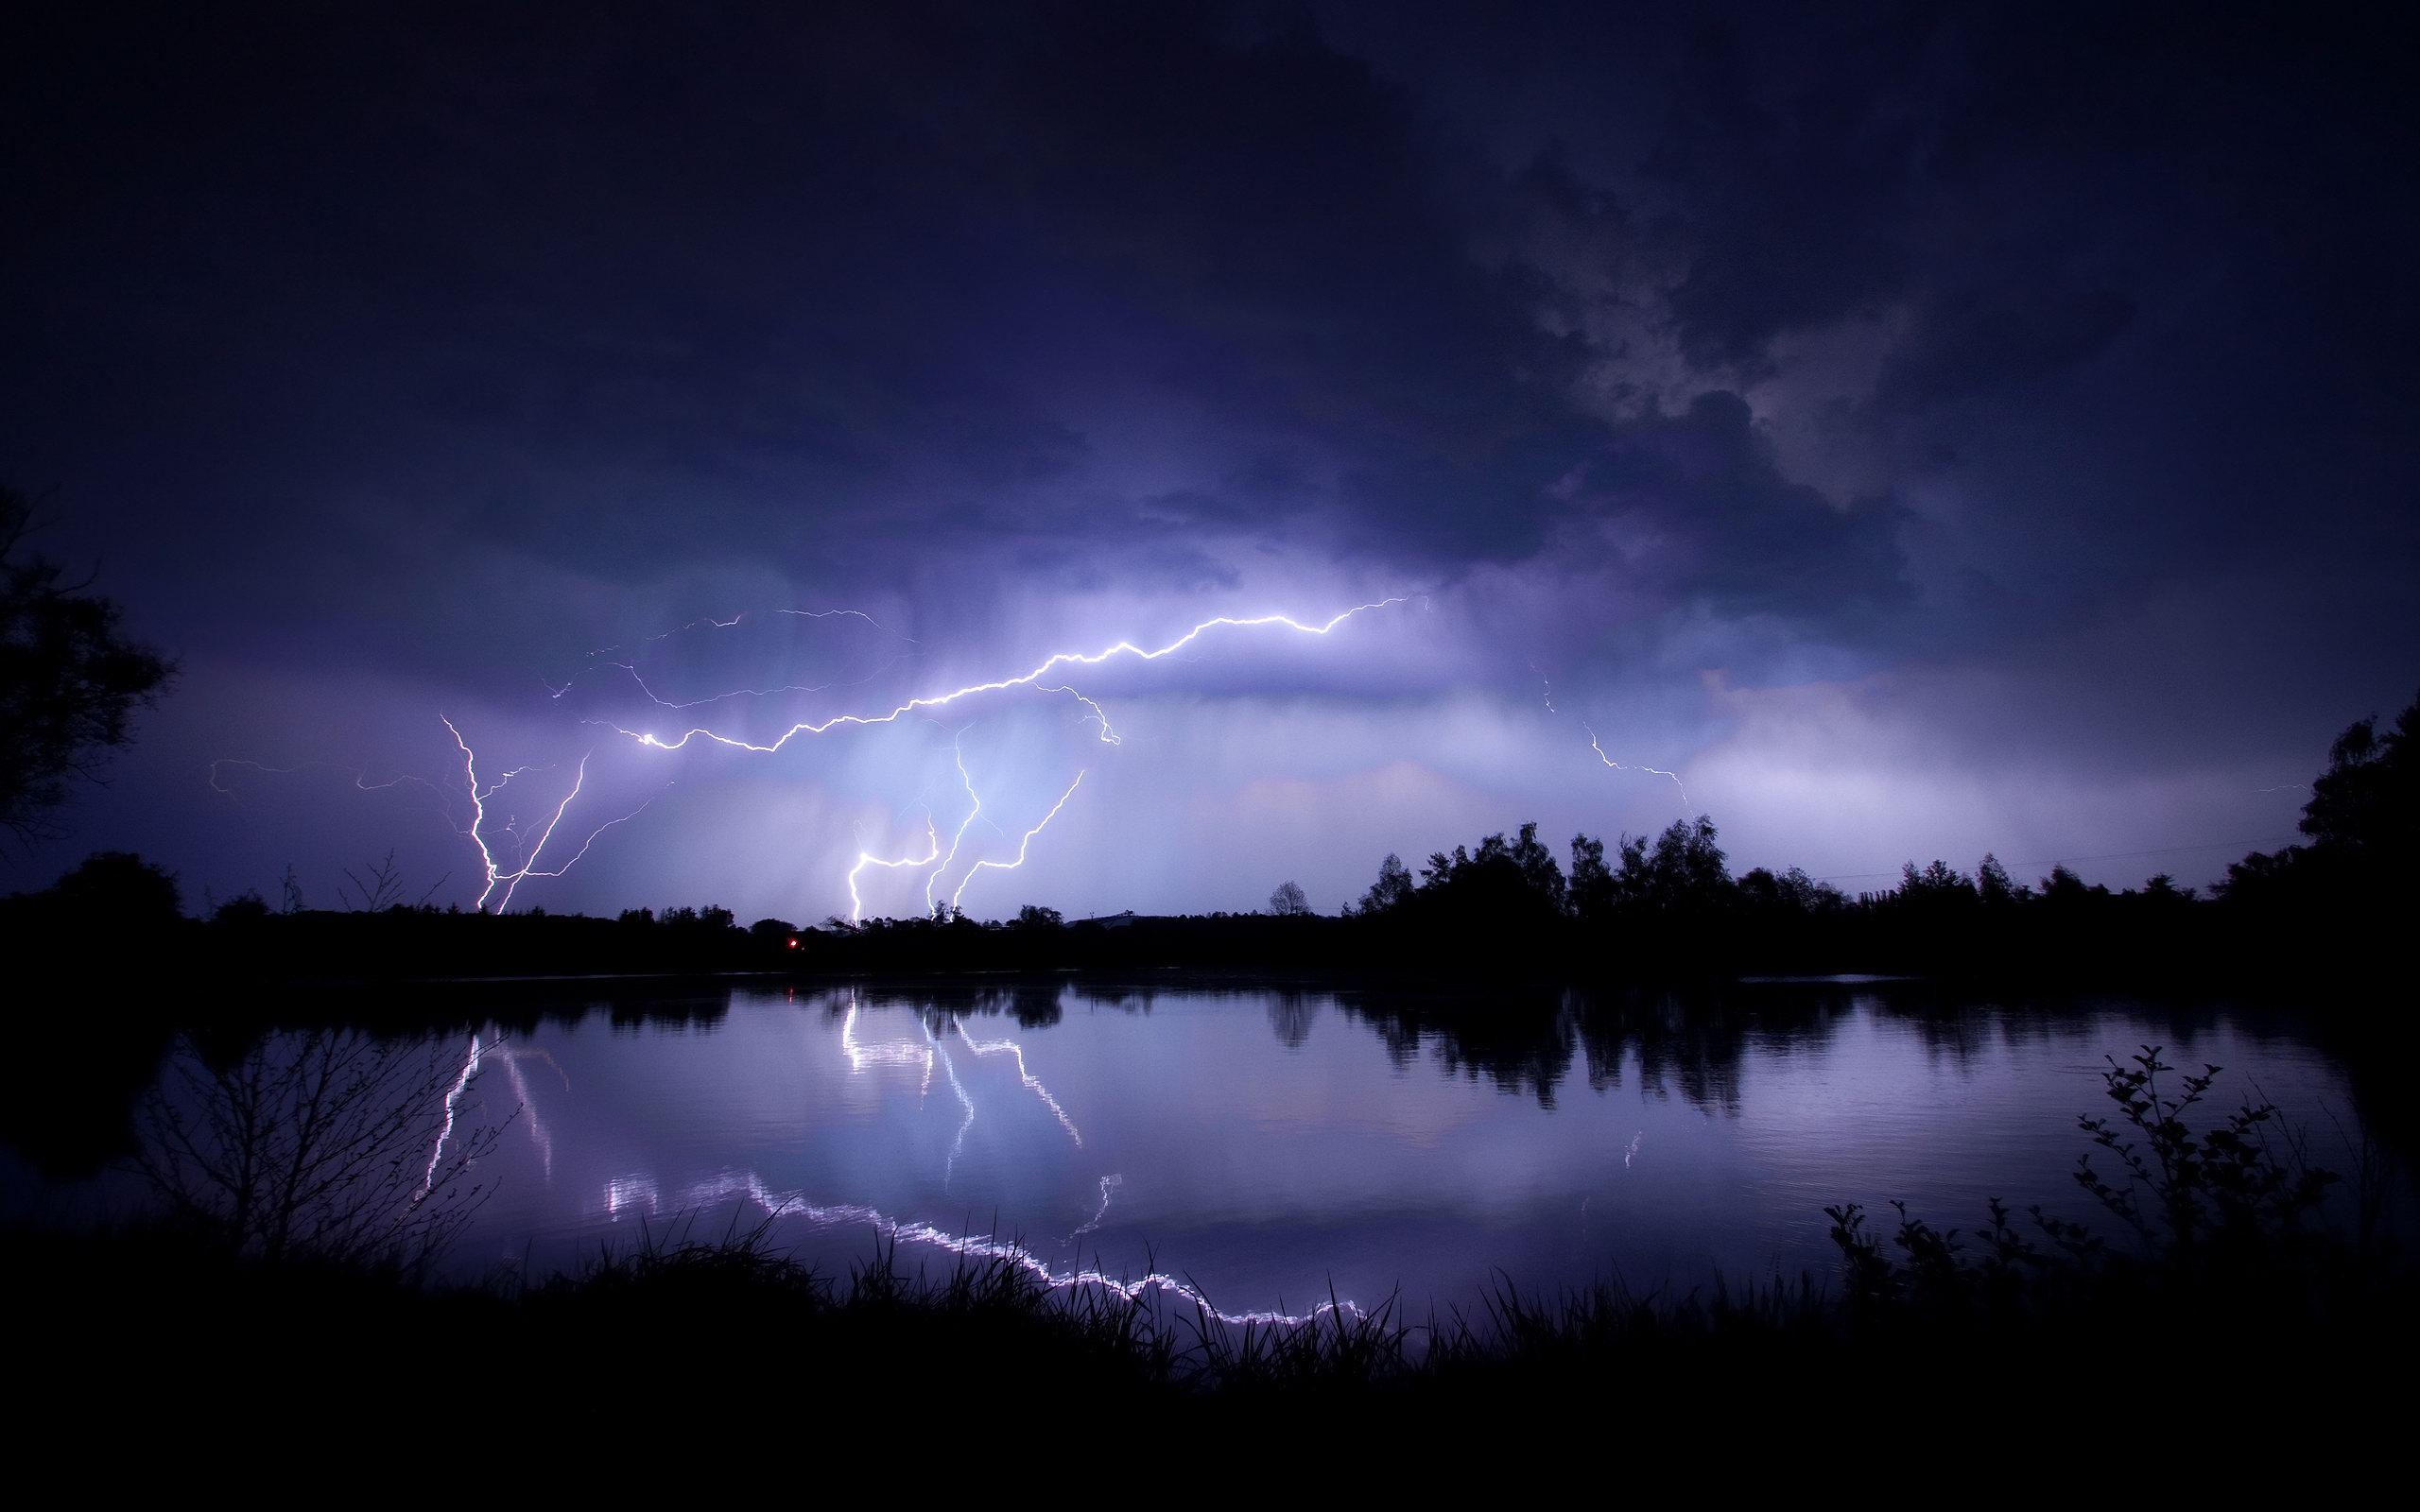 pics photos description lightning strom wallpaper is